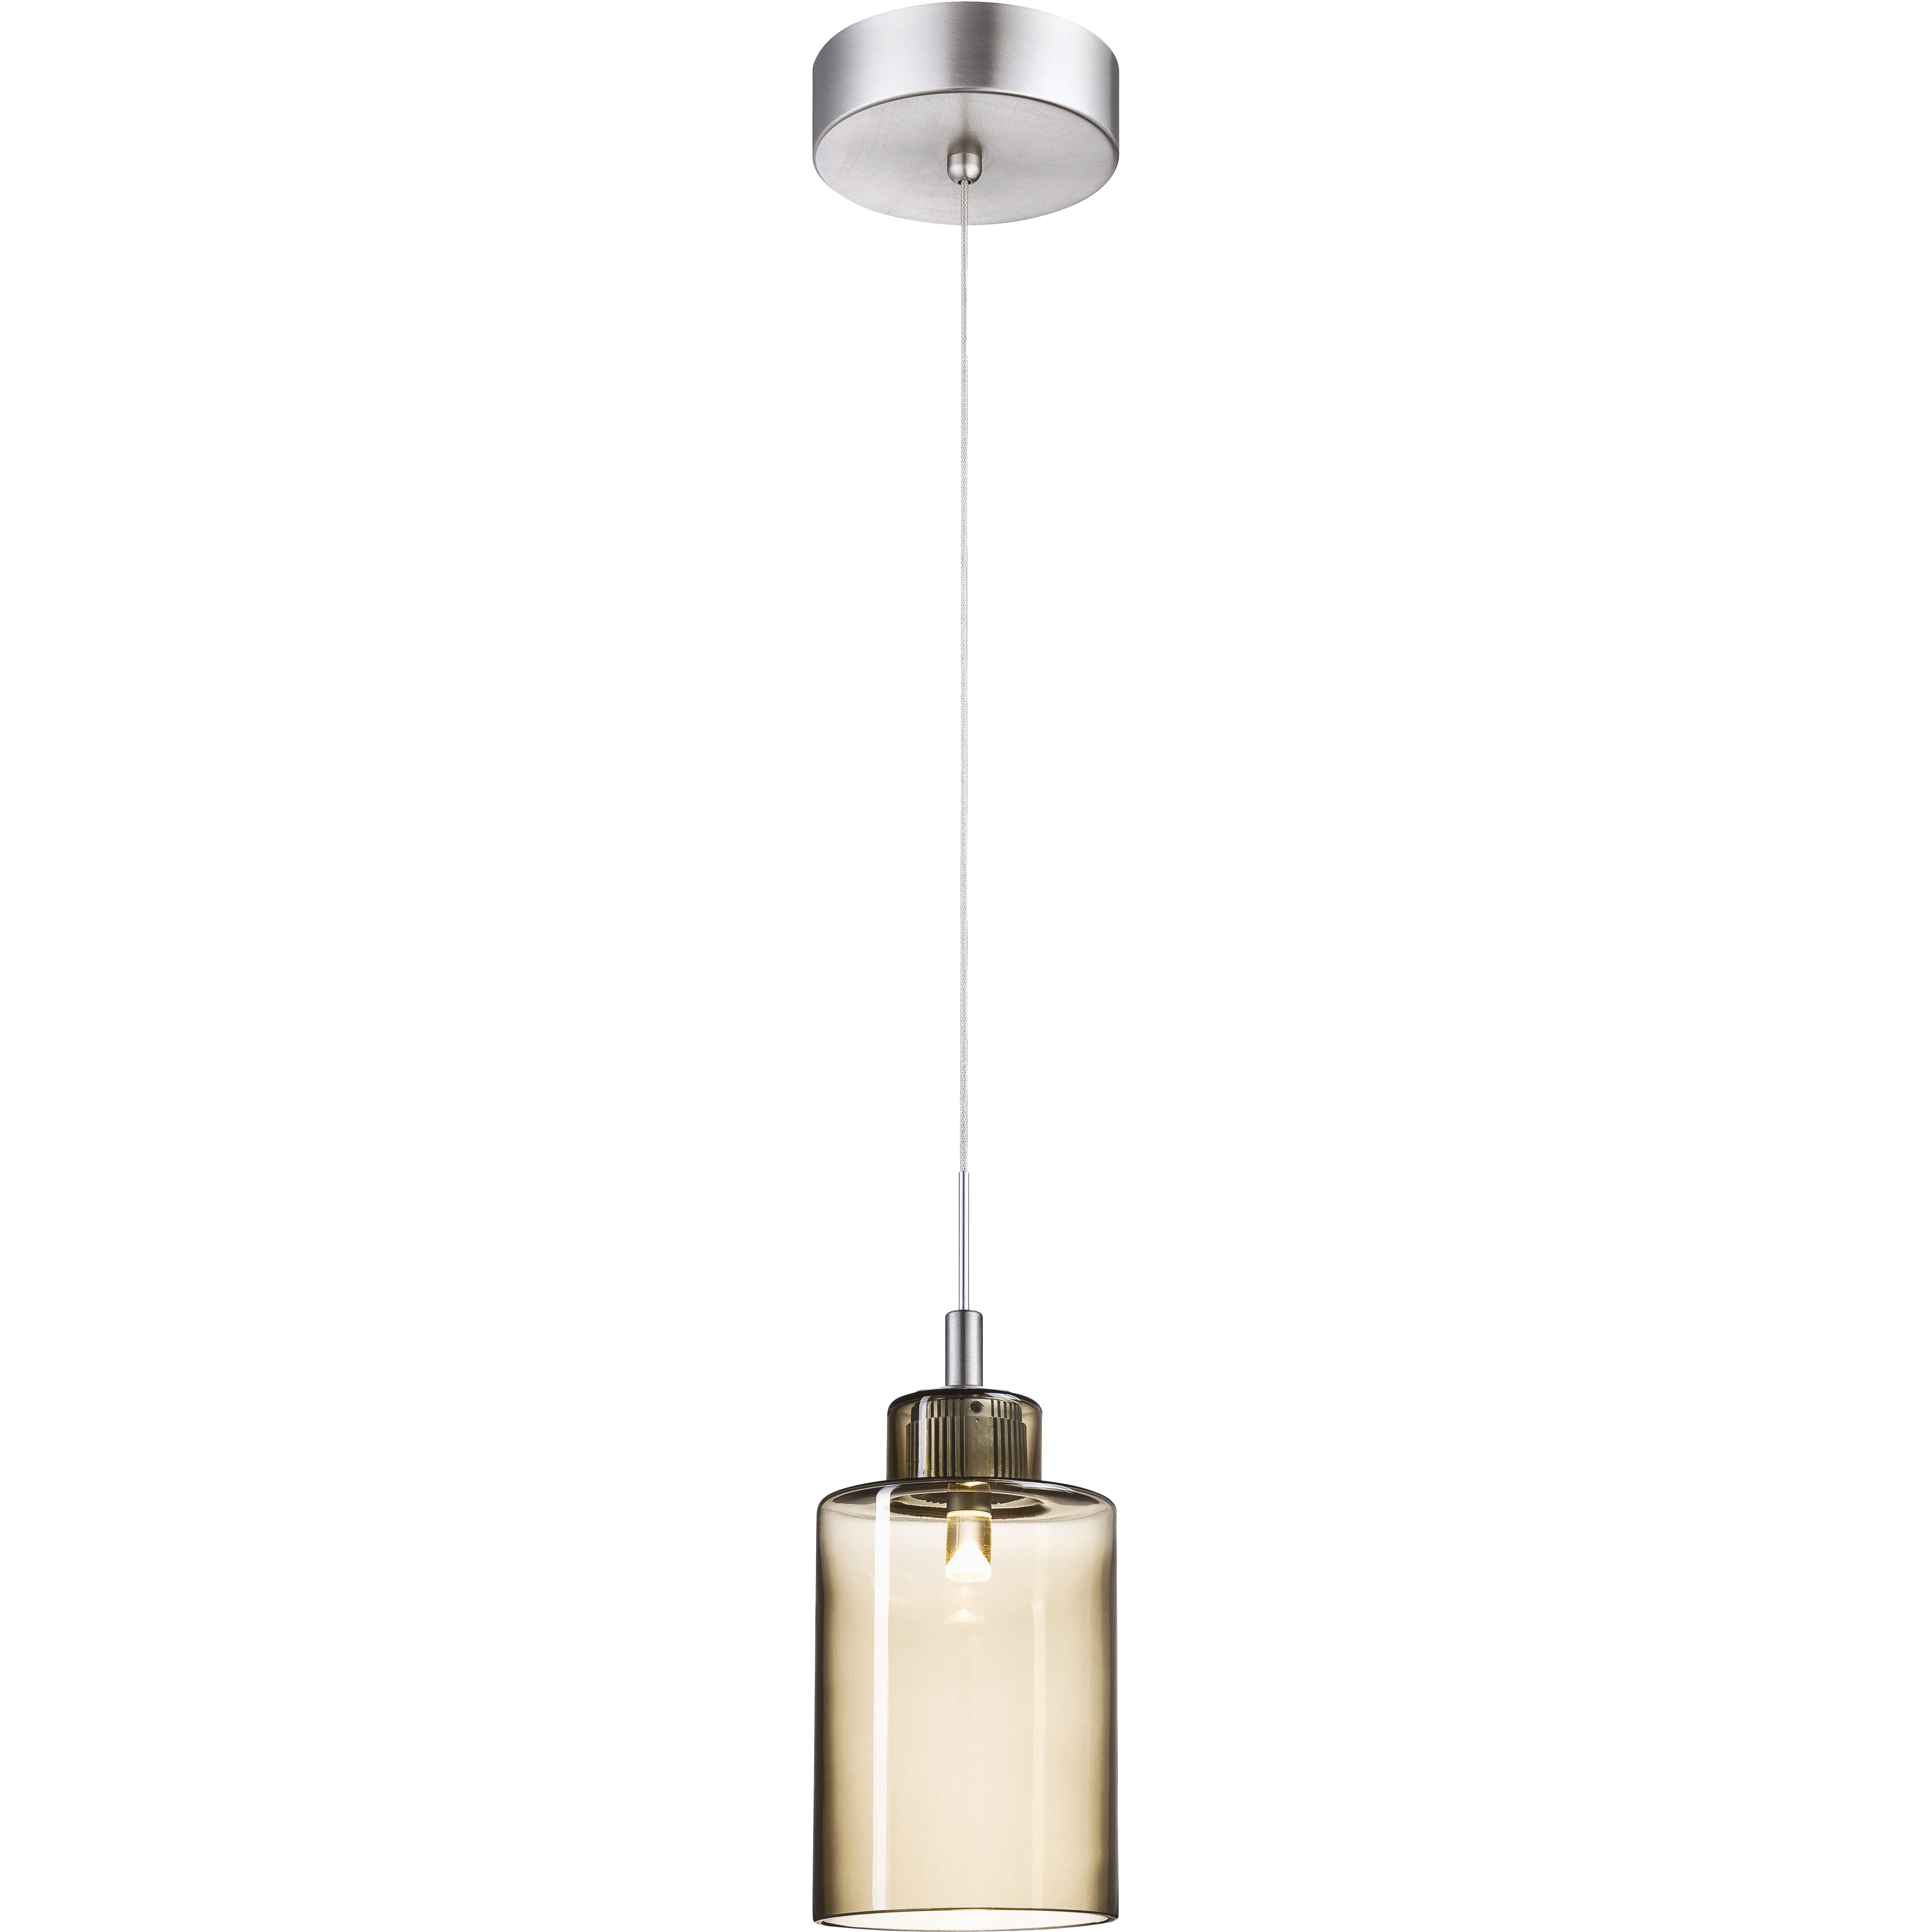 Philips Led Pendant Lighting : Philips harmonize led light pendant reviews wayfair